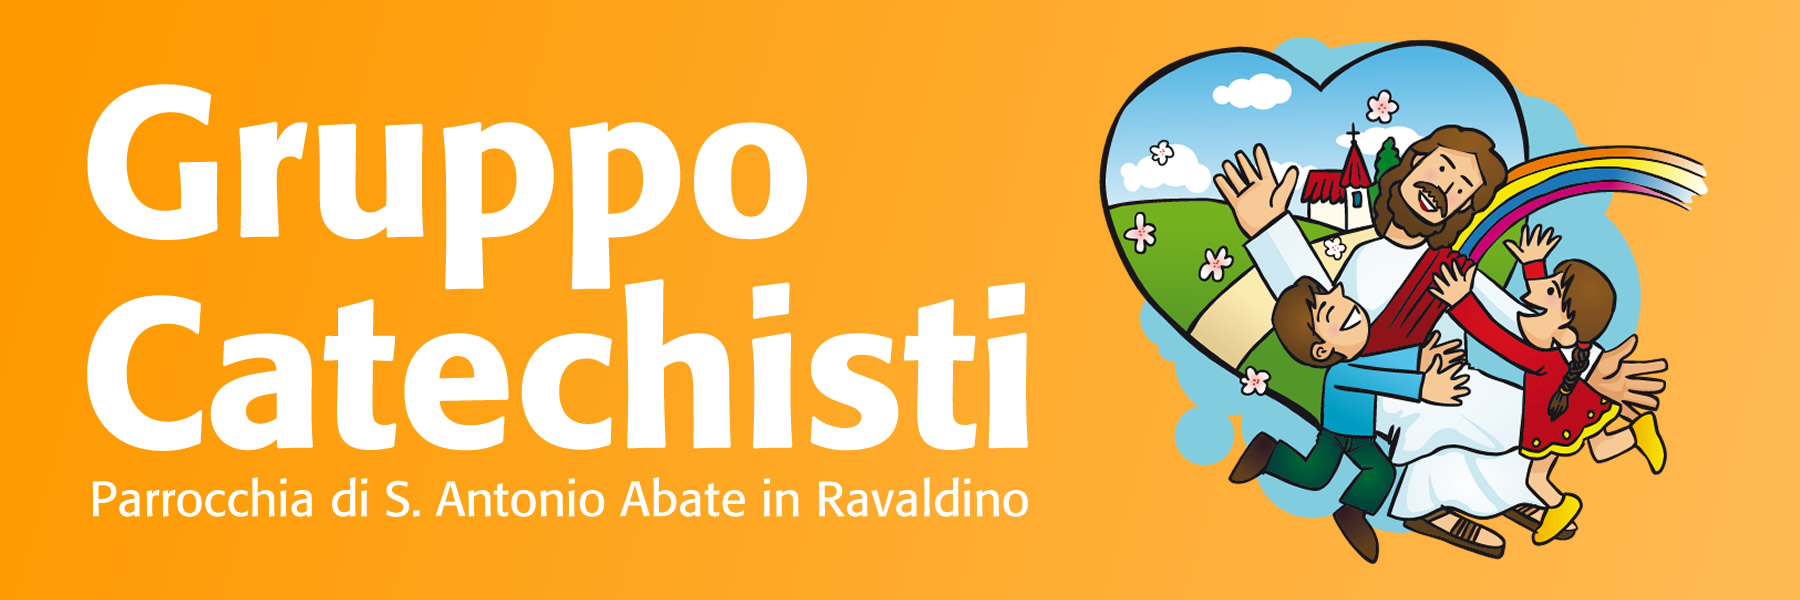 Calendario Comunioni 2020.Calendario Gruppo Catechisti Ravaldino Forli Catechismo